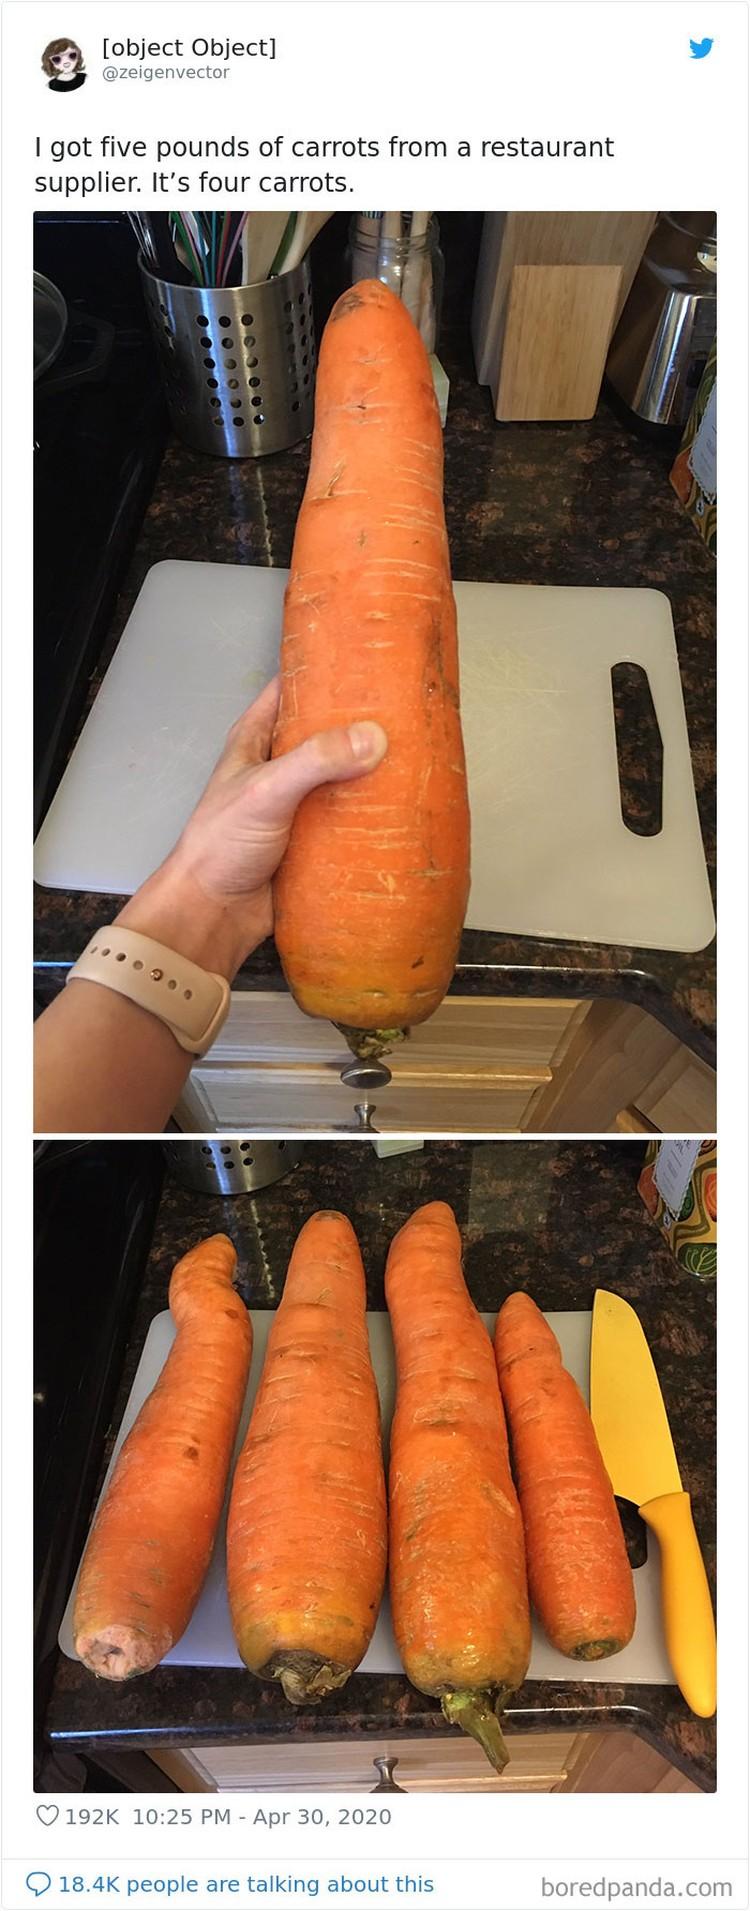 Disaat kondisi seperti sekarang ini, banyak orang memanfaatkan untuk berbelanja online. Termasuk membeli sayuran. Tapi, uniknya mereka justru dapat ukuran yang tak biasa.